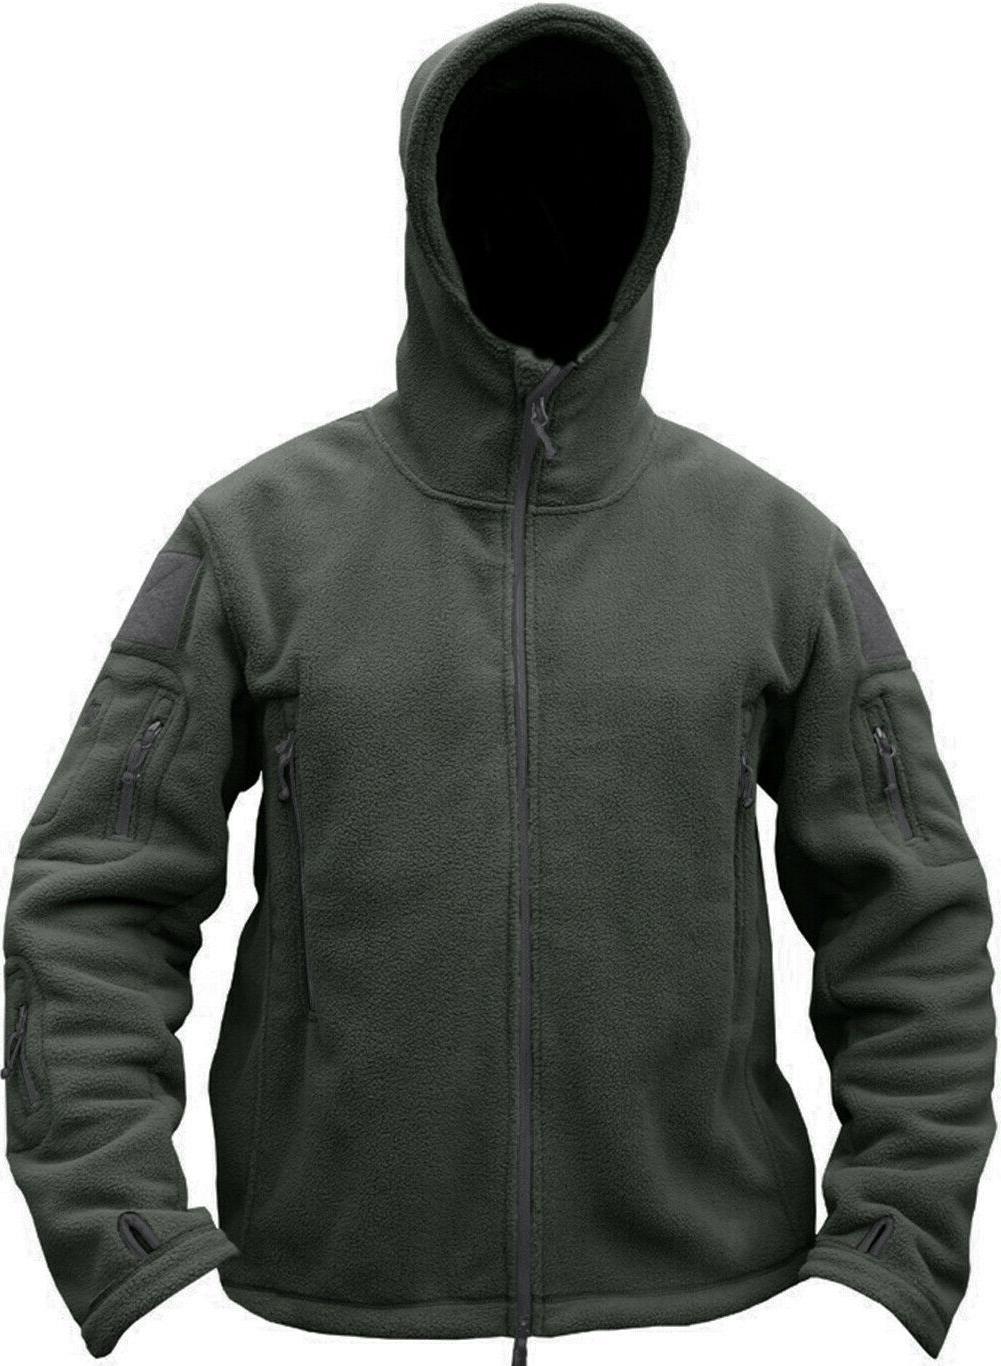 Windbreaker Mens Jackets Outwear Thermal